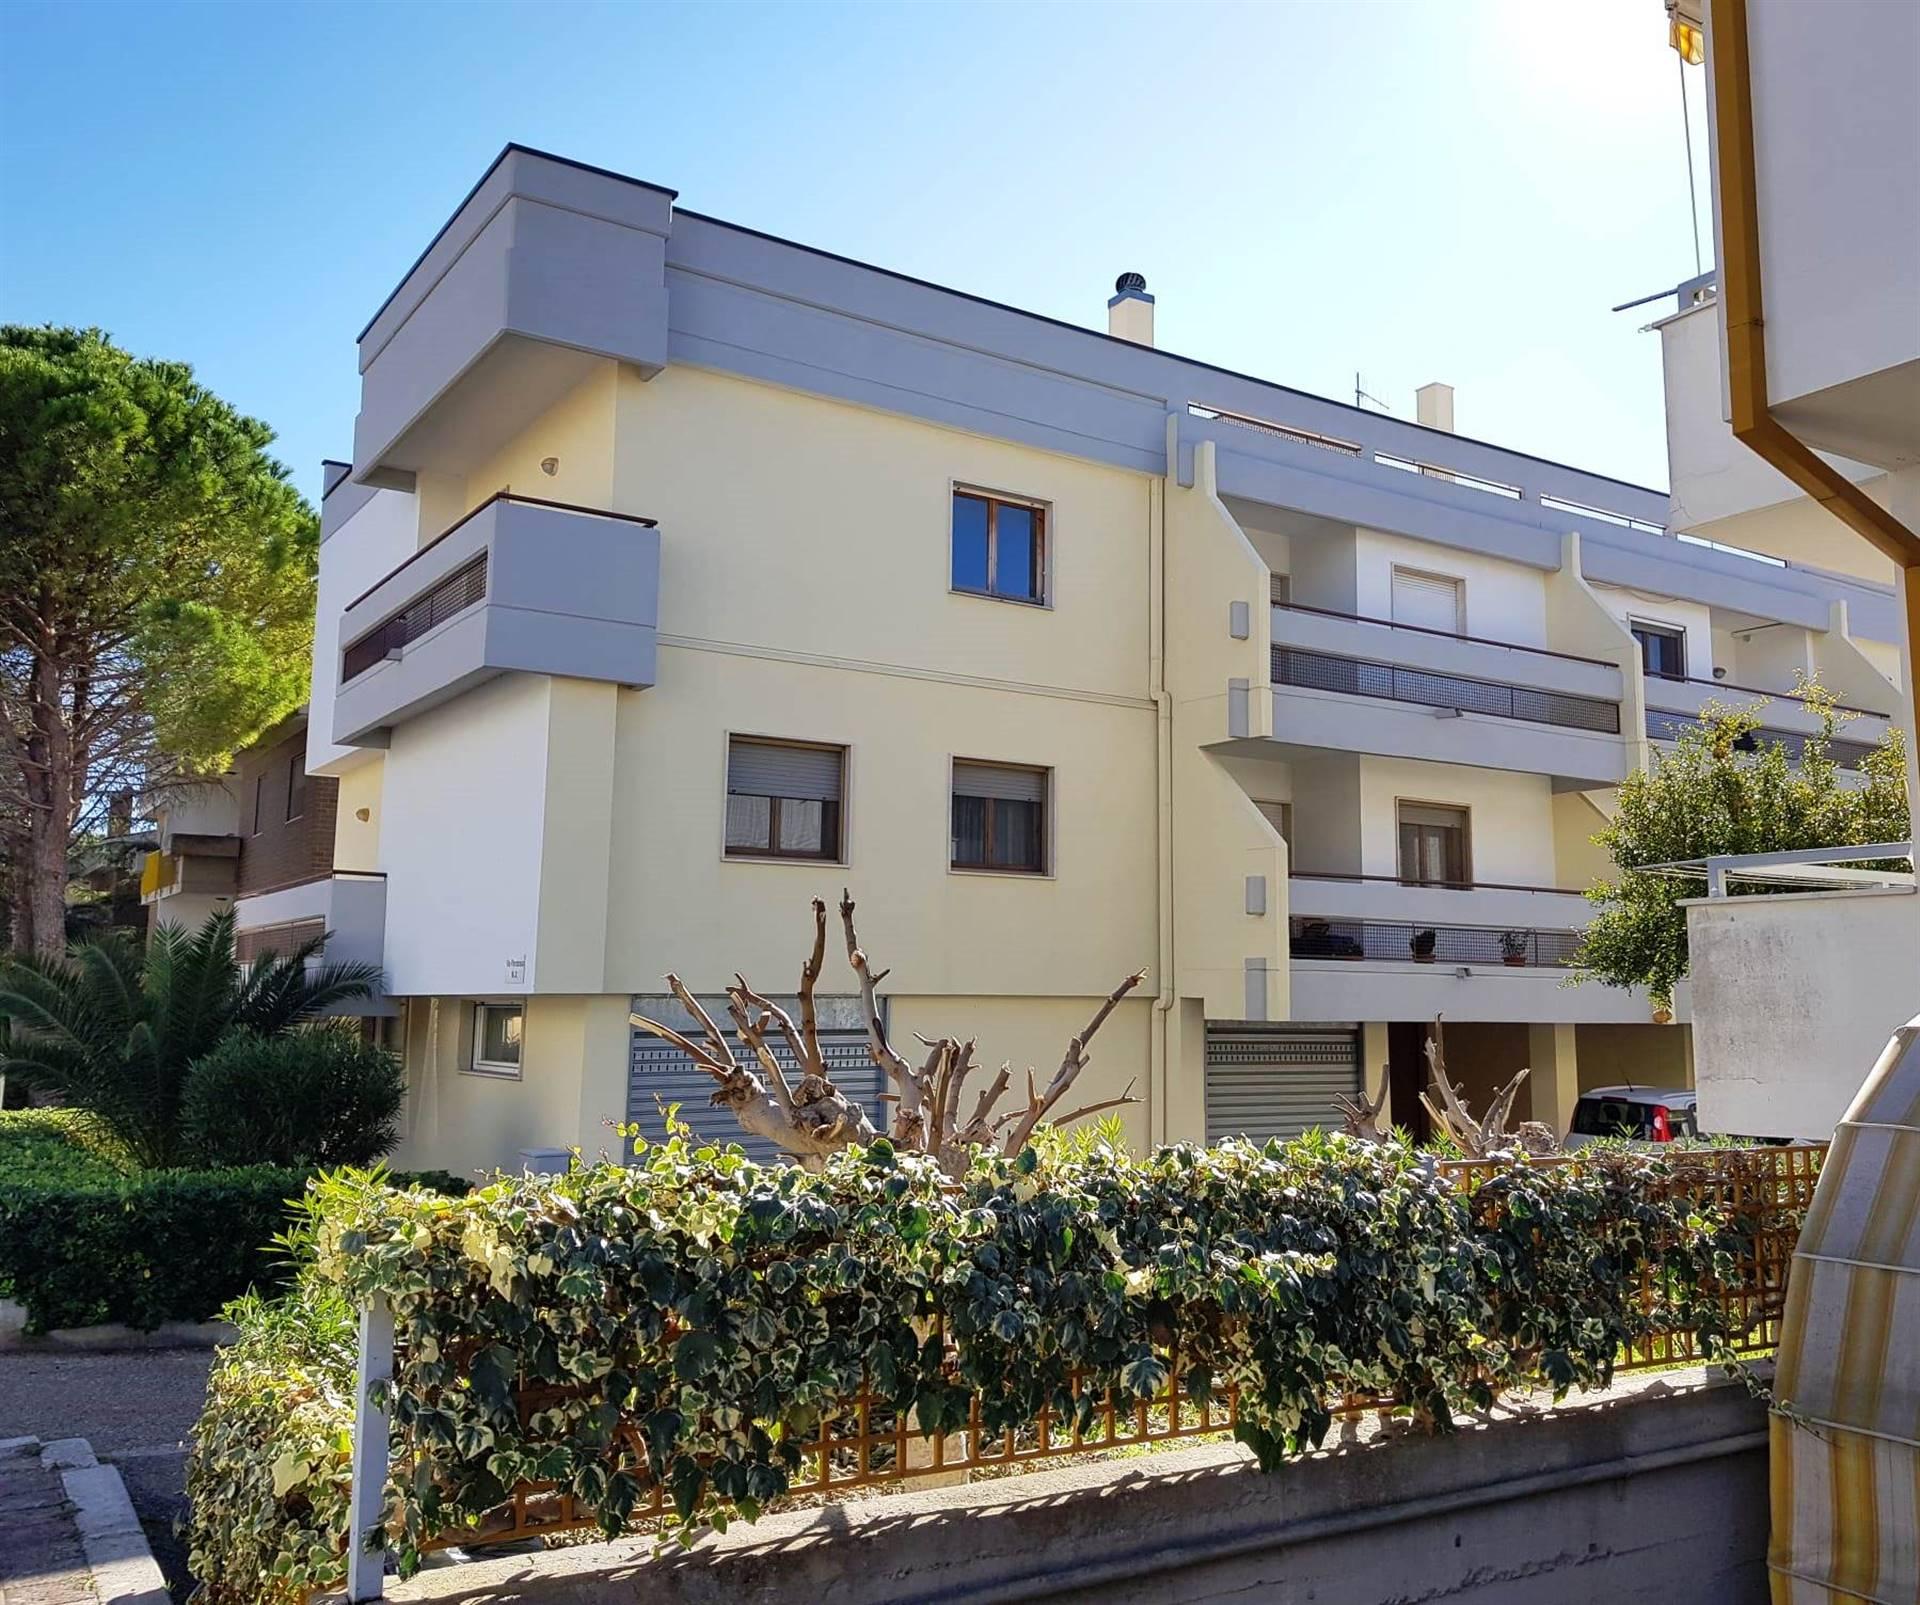 Appartamento in vendita a Matera, 3 locali, zona Zona: Periferia Sud, prezzo € 230.000 | CambioCasa.it